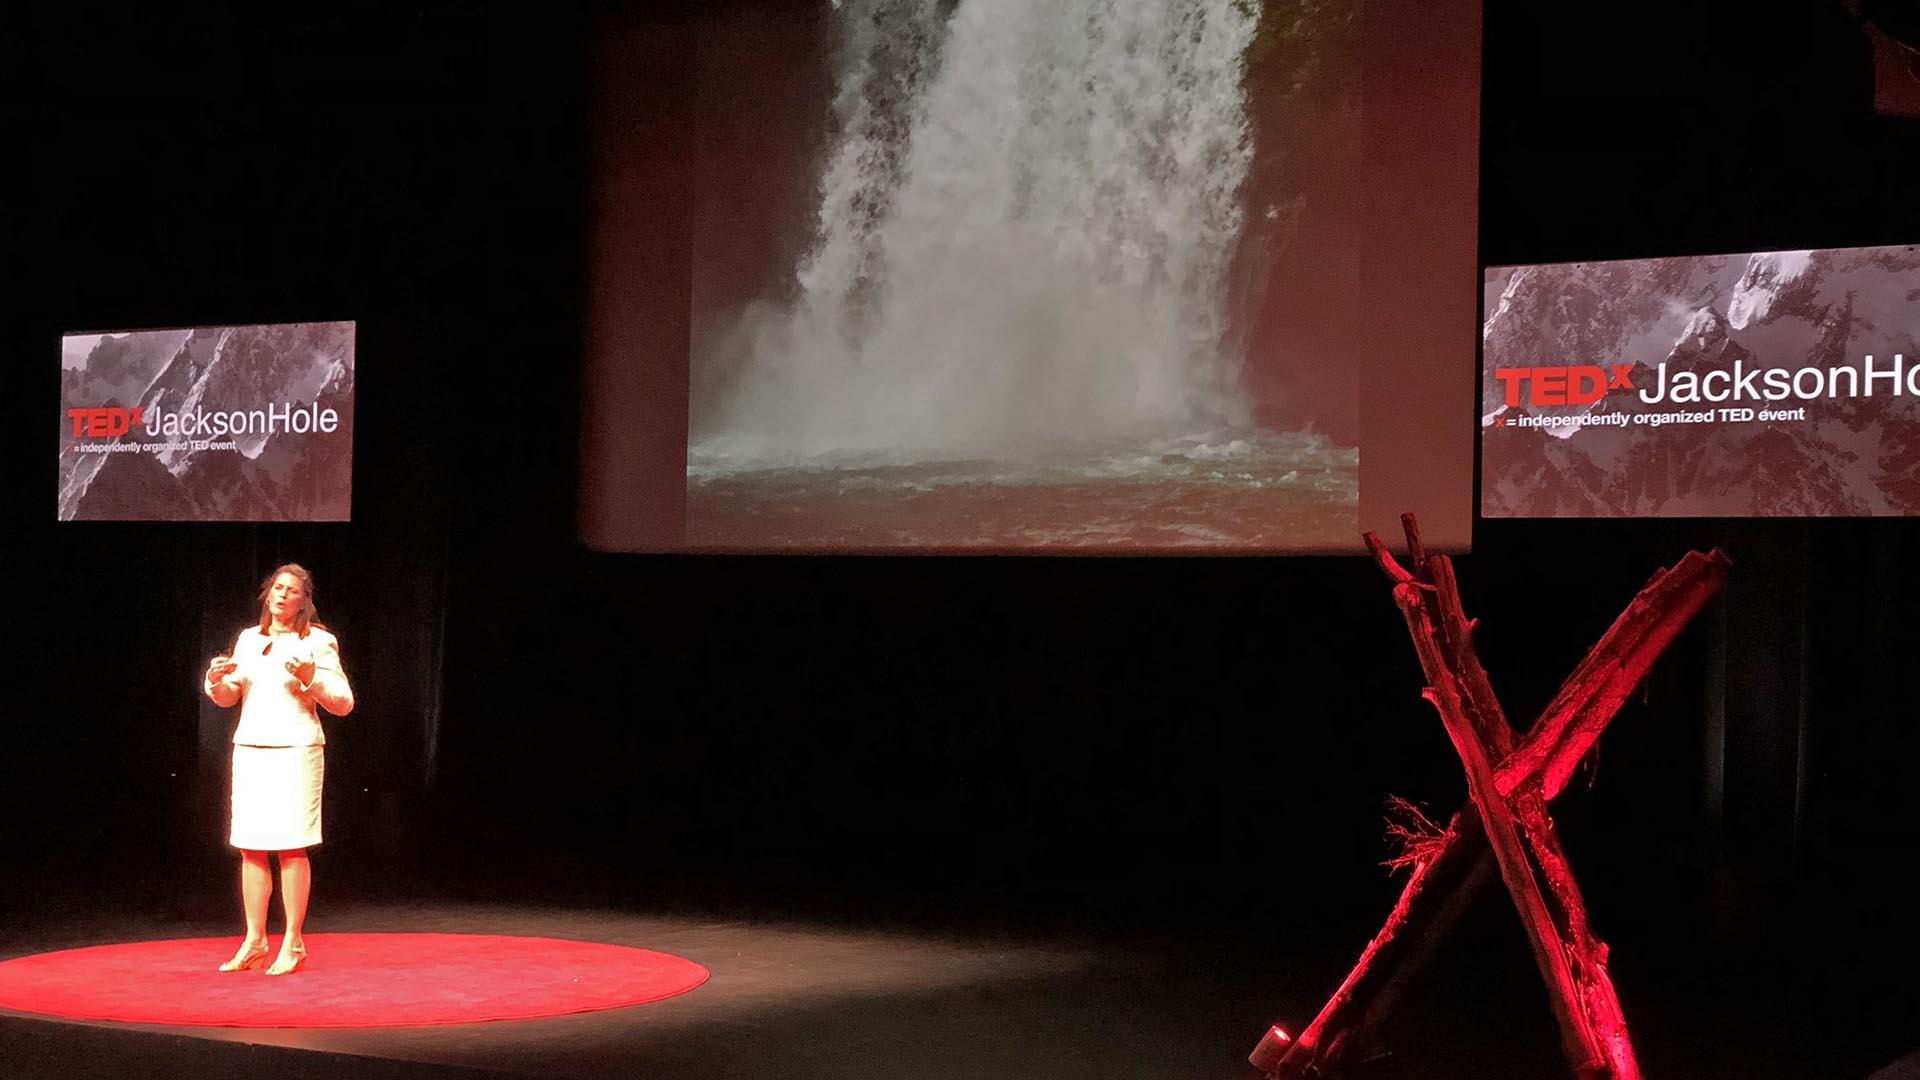 TEDxJacksonHole-2018 New York Times bestselling Author Mary Neal, Jackson Hole, Wyoming